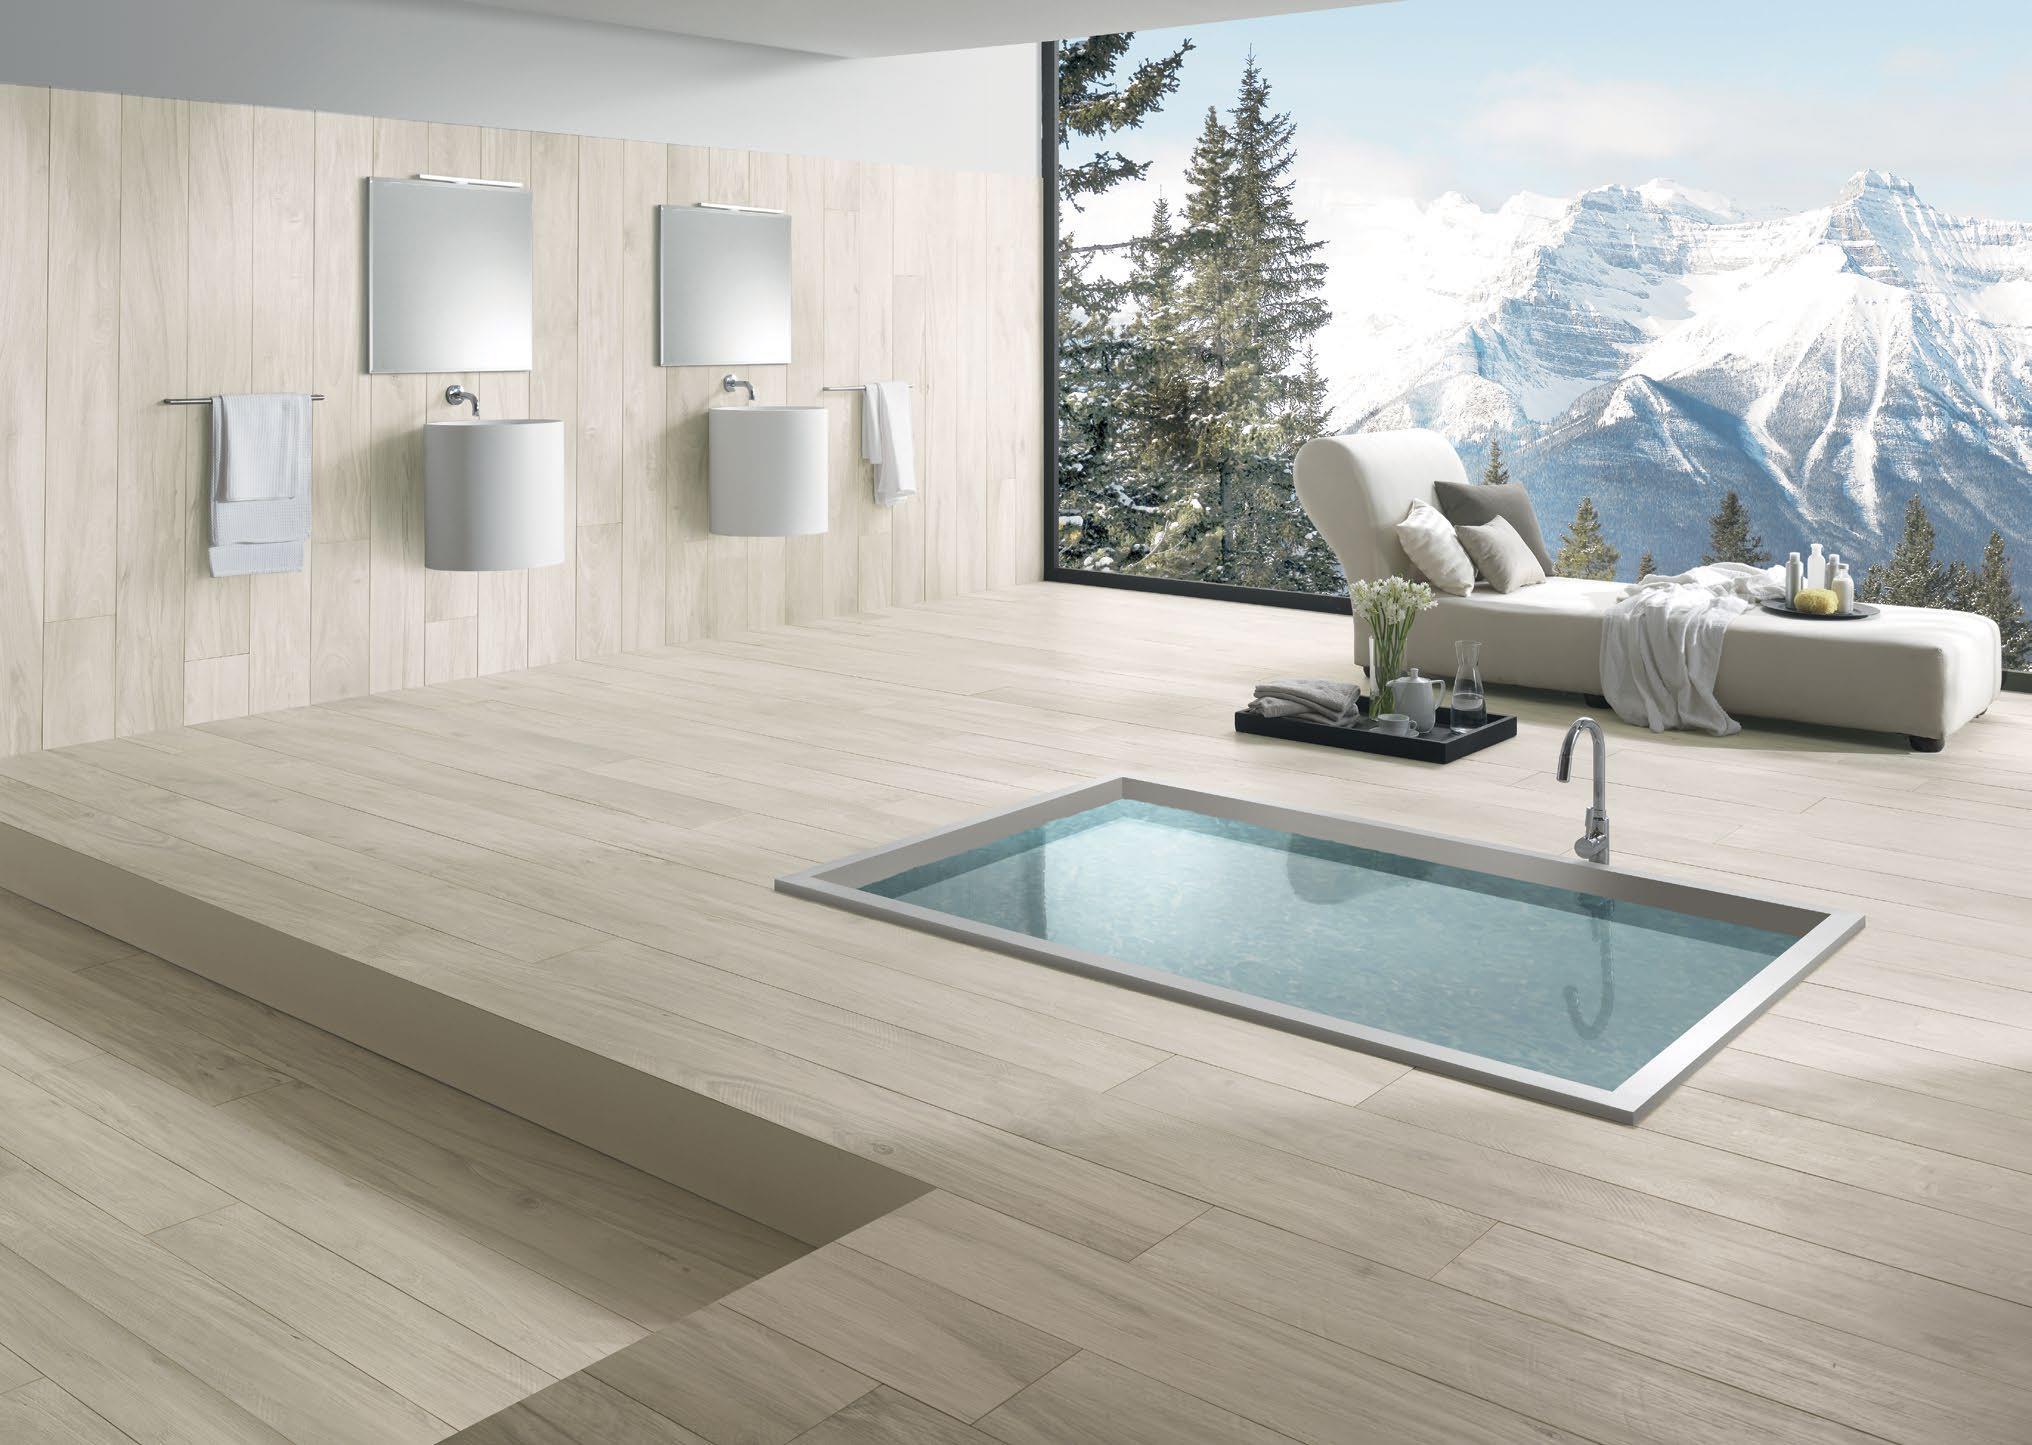 fliesen herdt la fabbrica amazon kamba 076003. Black Bedroom Furniture Sets. Home Design Ideas